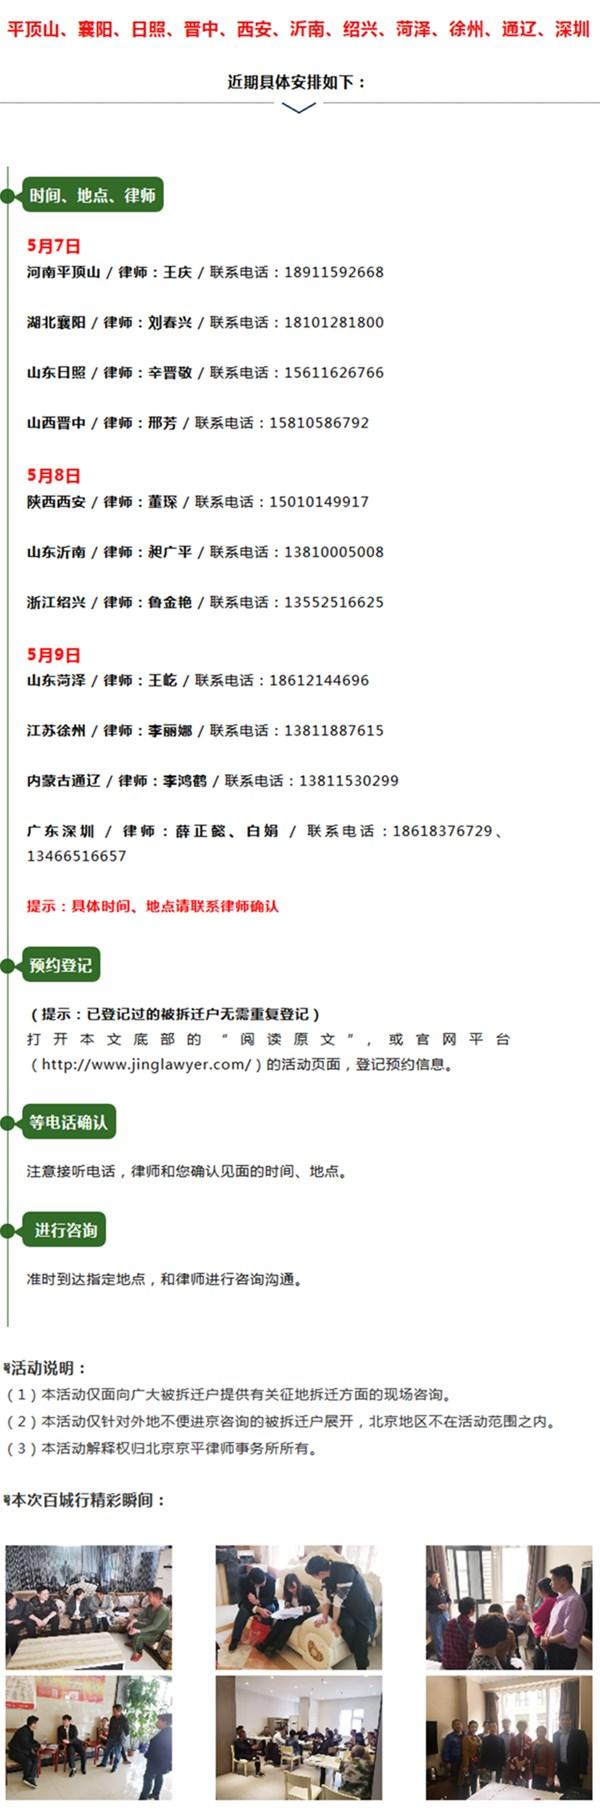 5月7-9日京平律师百城行再掀热潮!